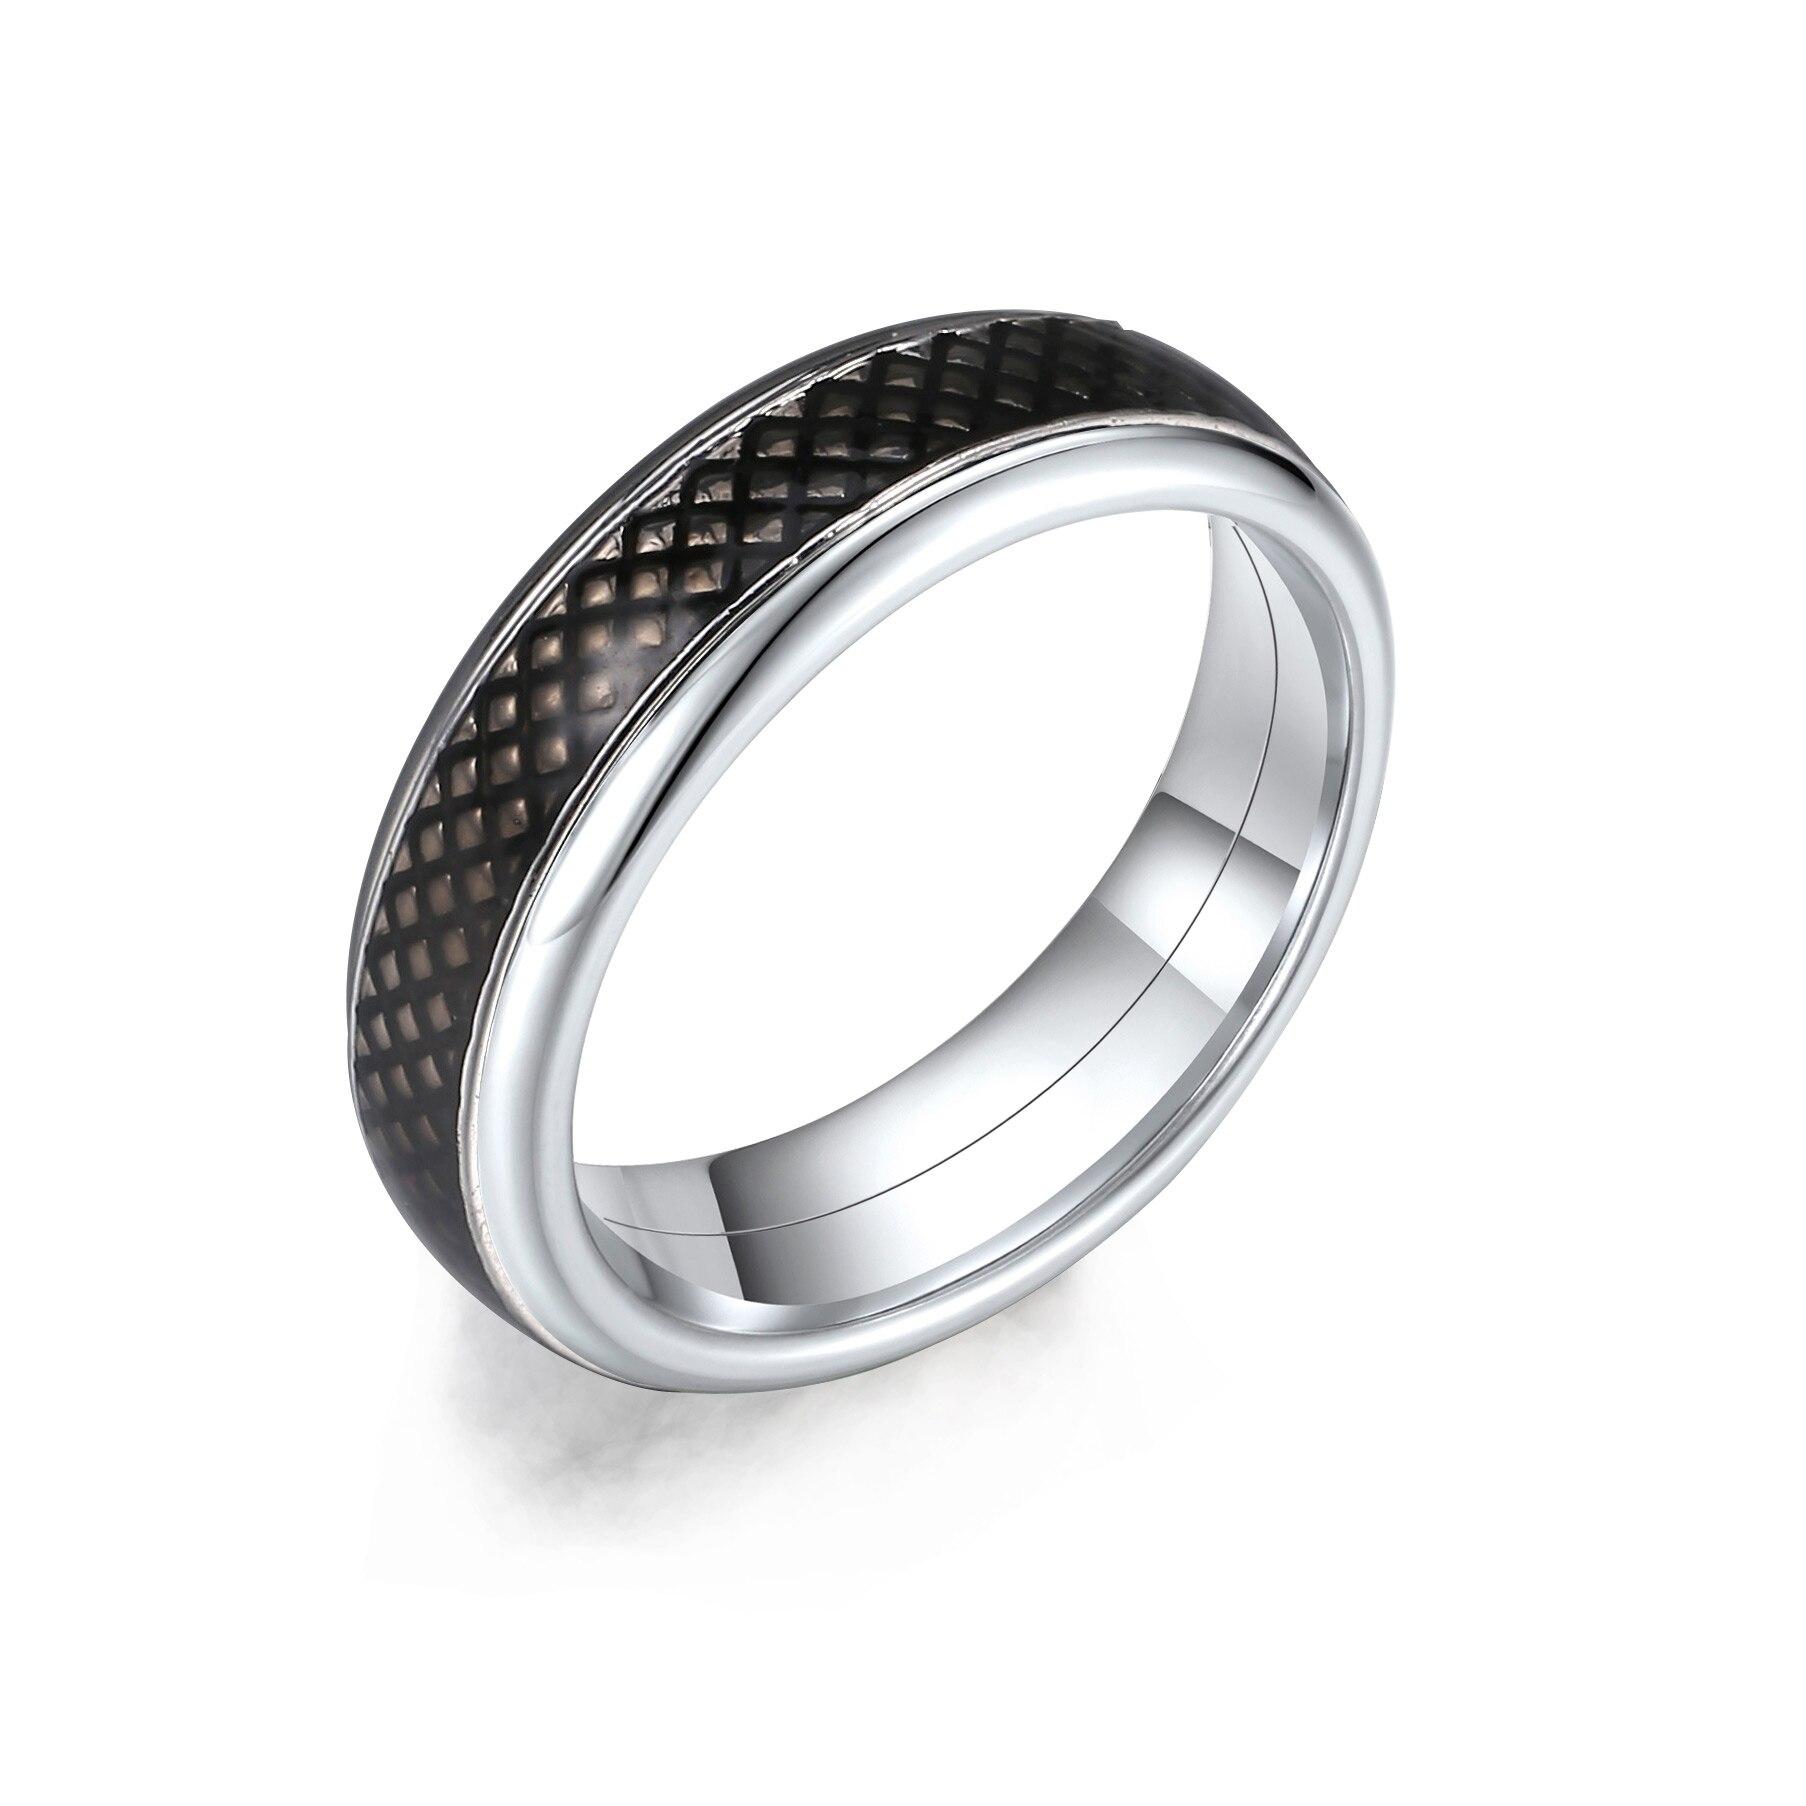 Cremo – bague Rock en acier inoxydable 2021 pour Femme, bague mystère noire, Bijoux interchangeables, Bijoux de doigt